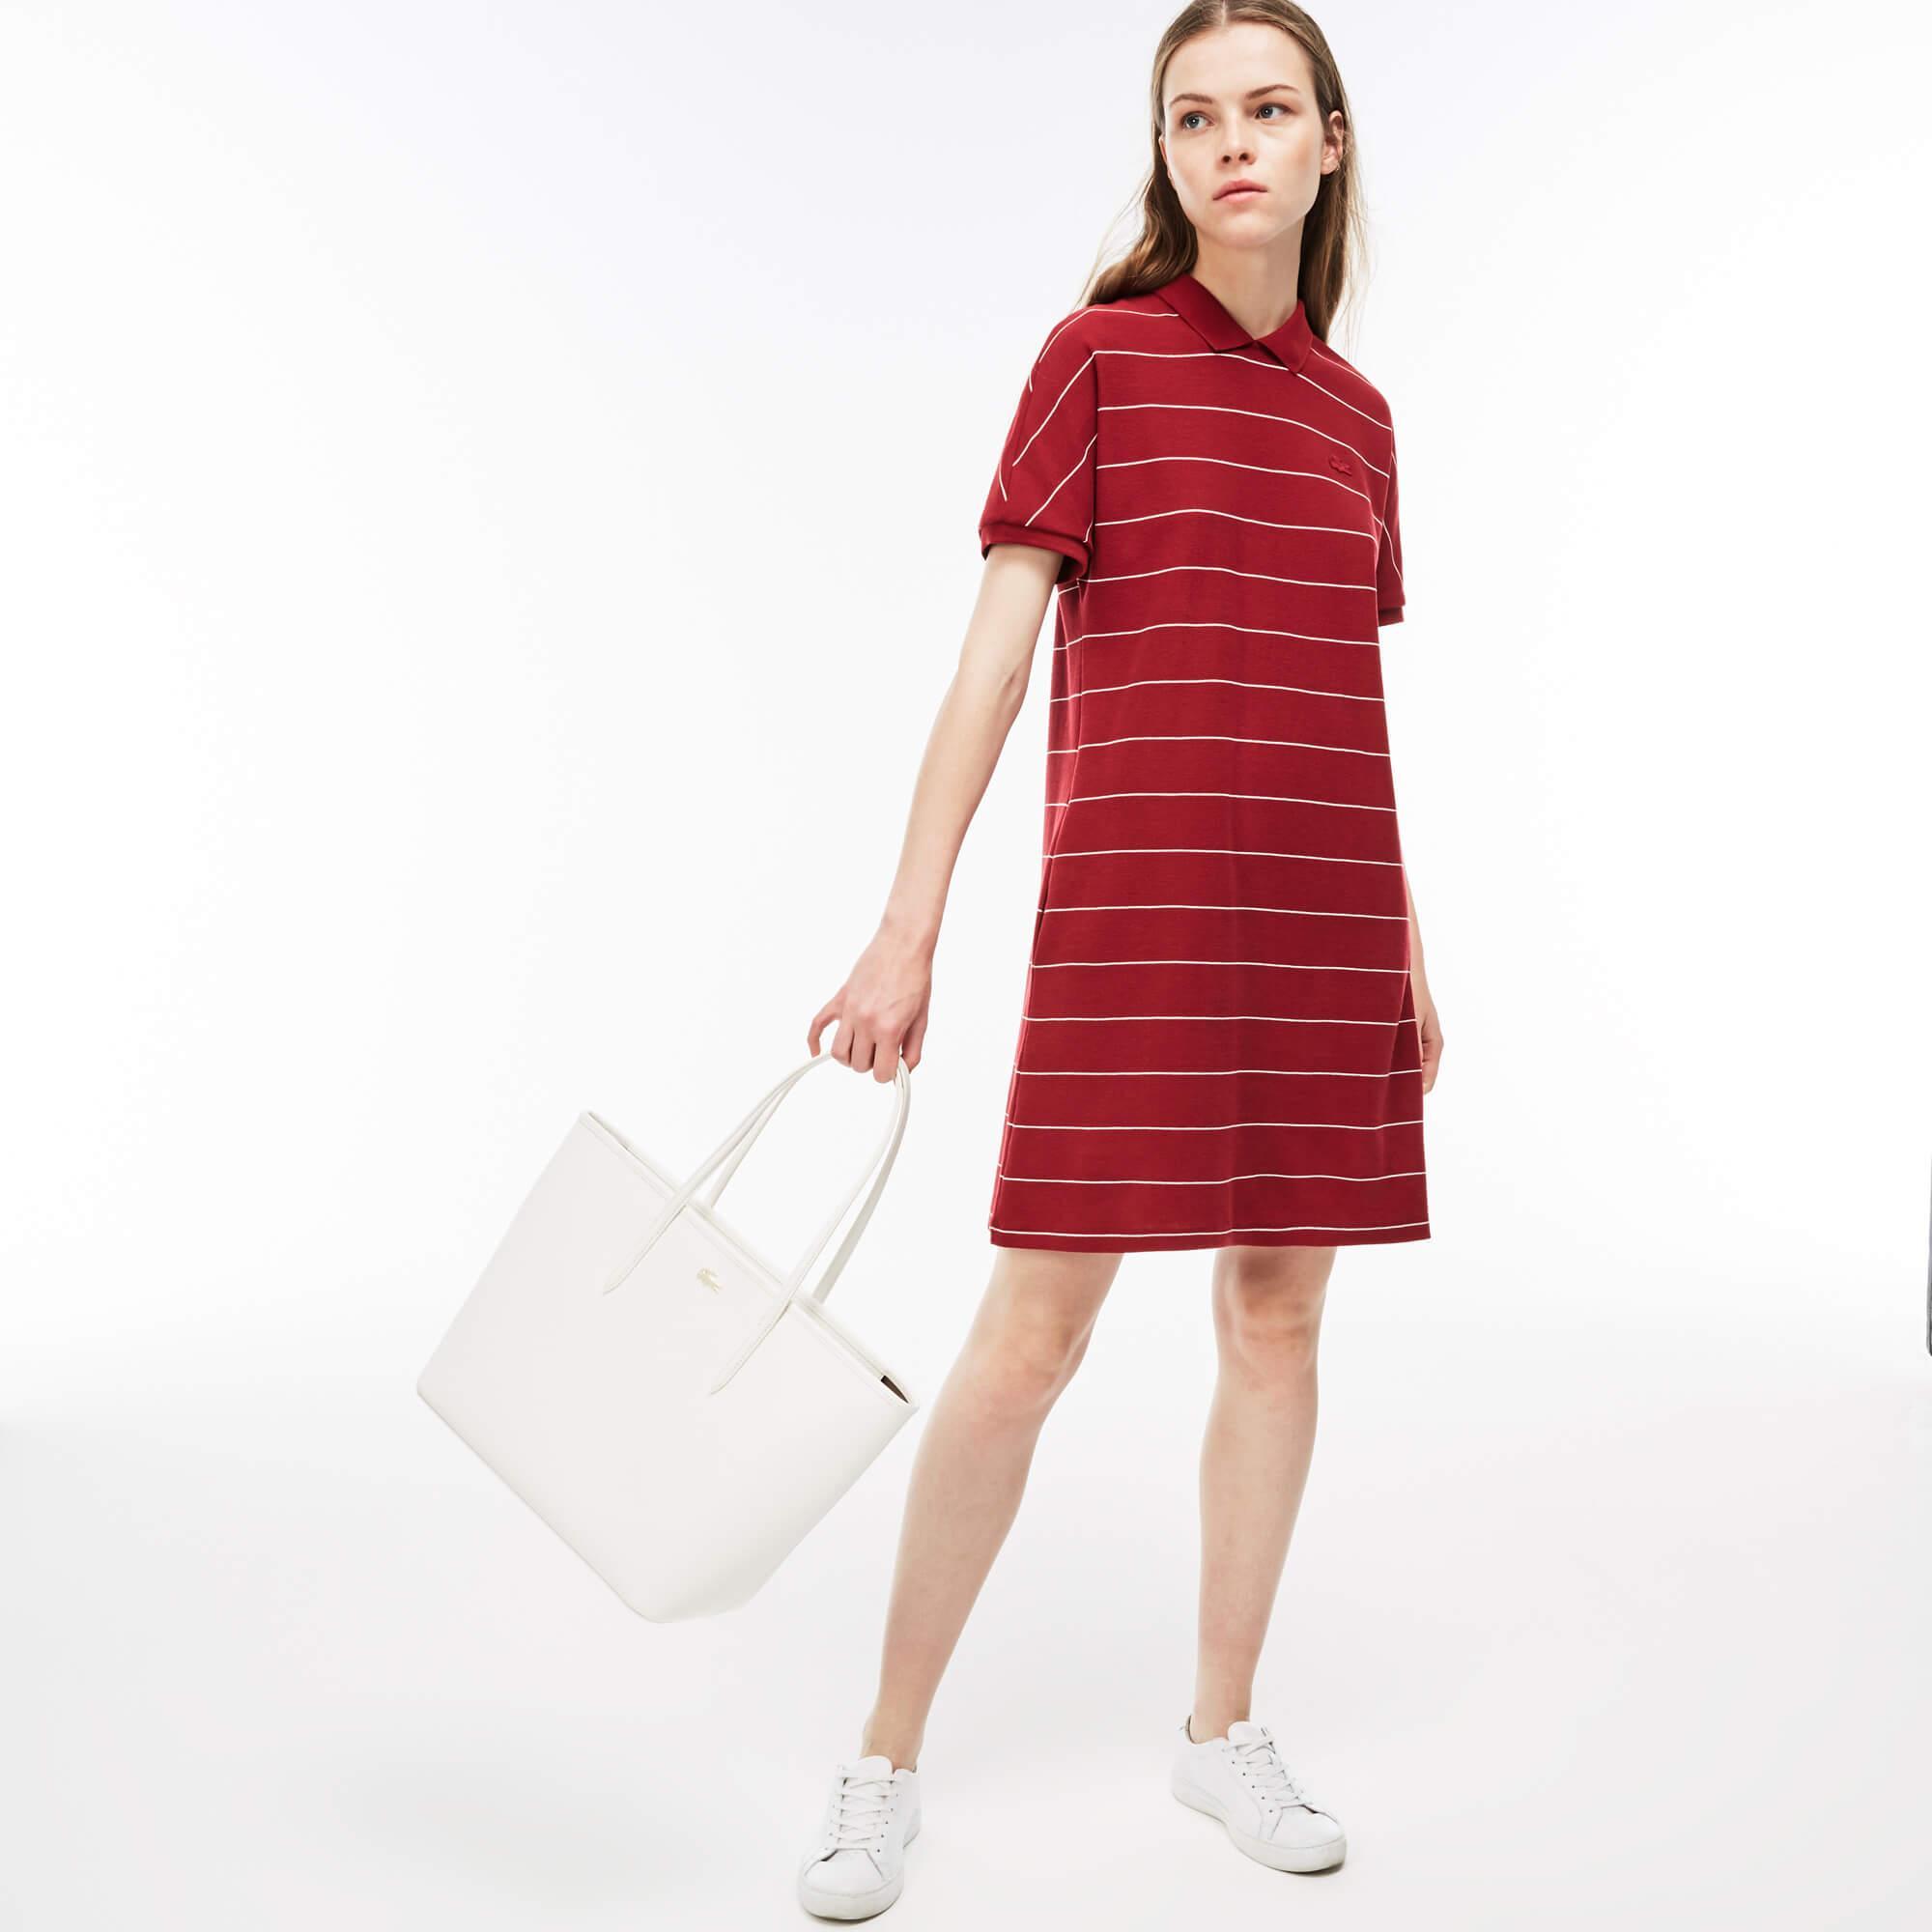 Lacoste Kadın Chantaco Krem Rengi Çanta